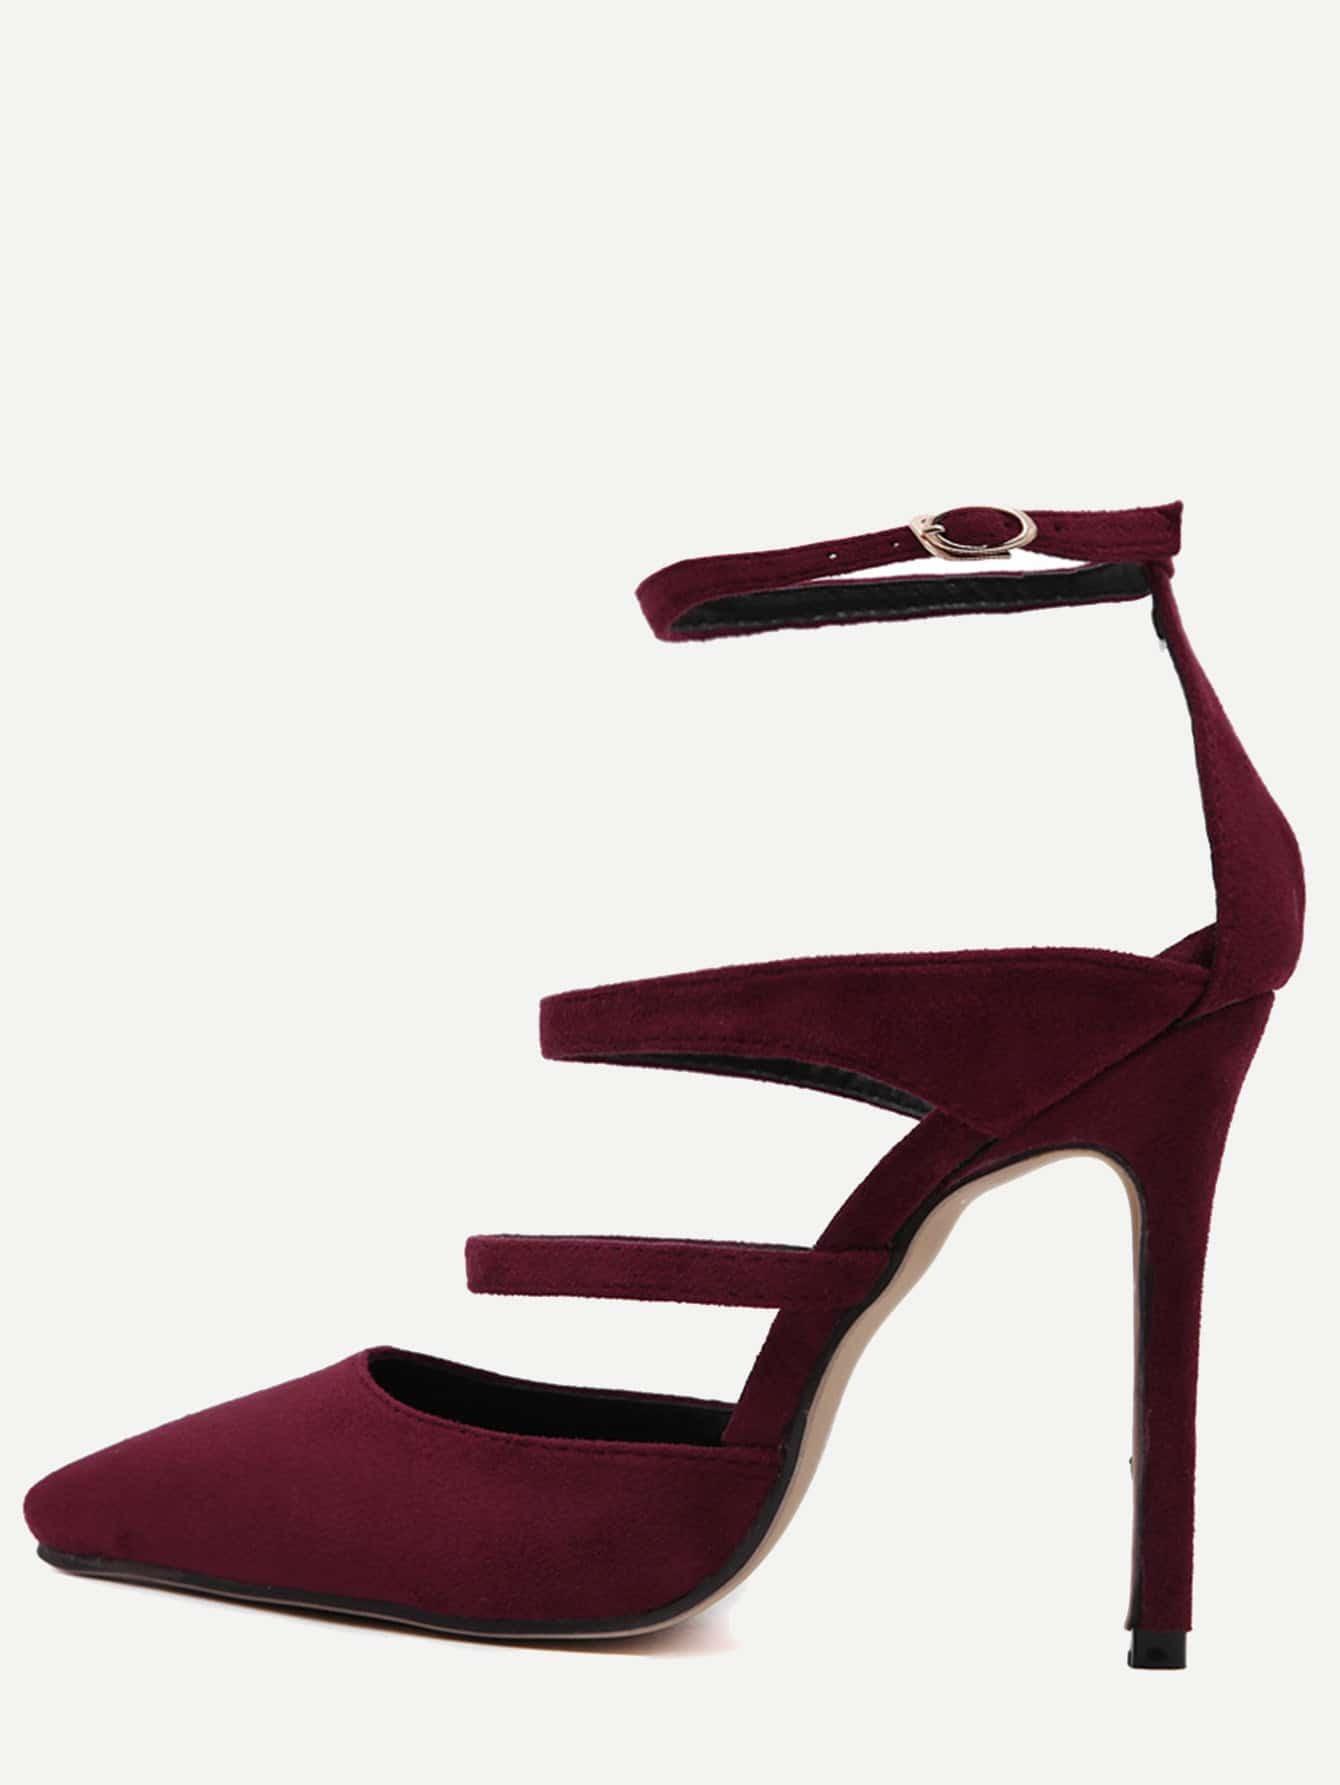 shoes160914801_2